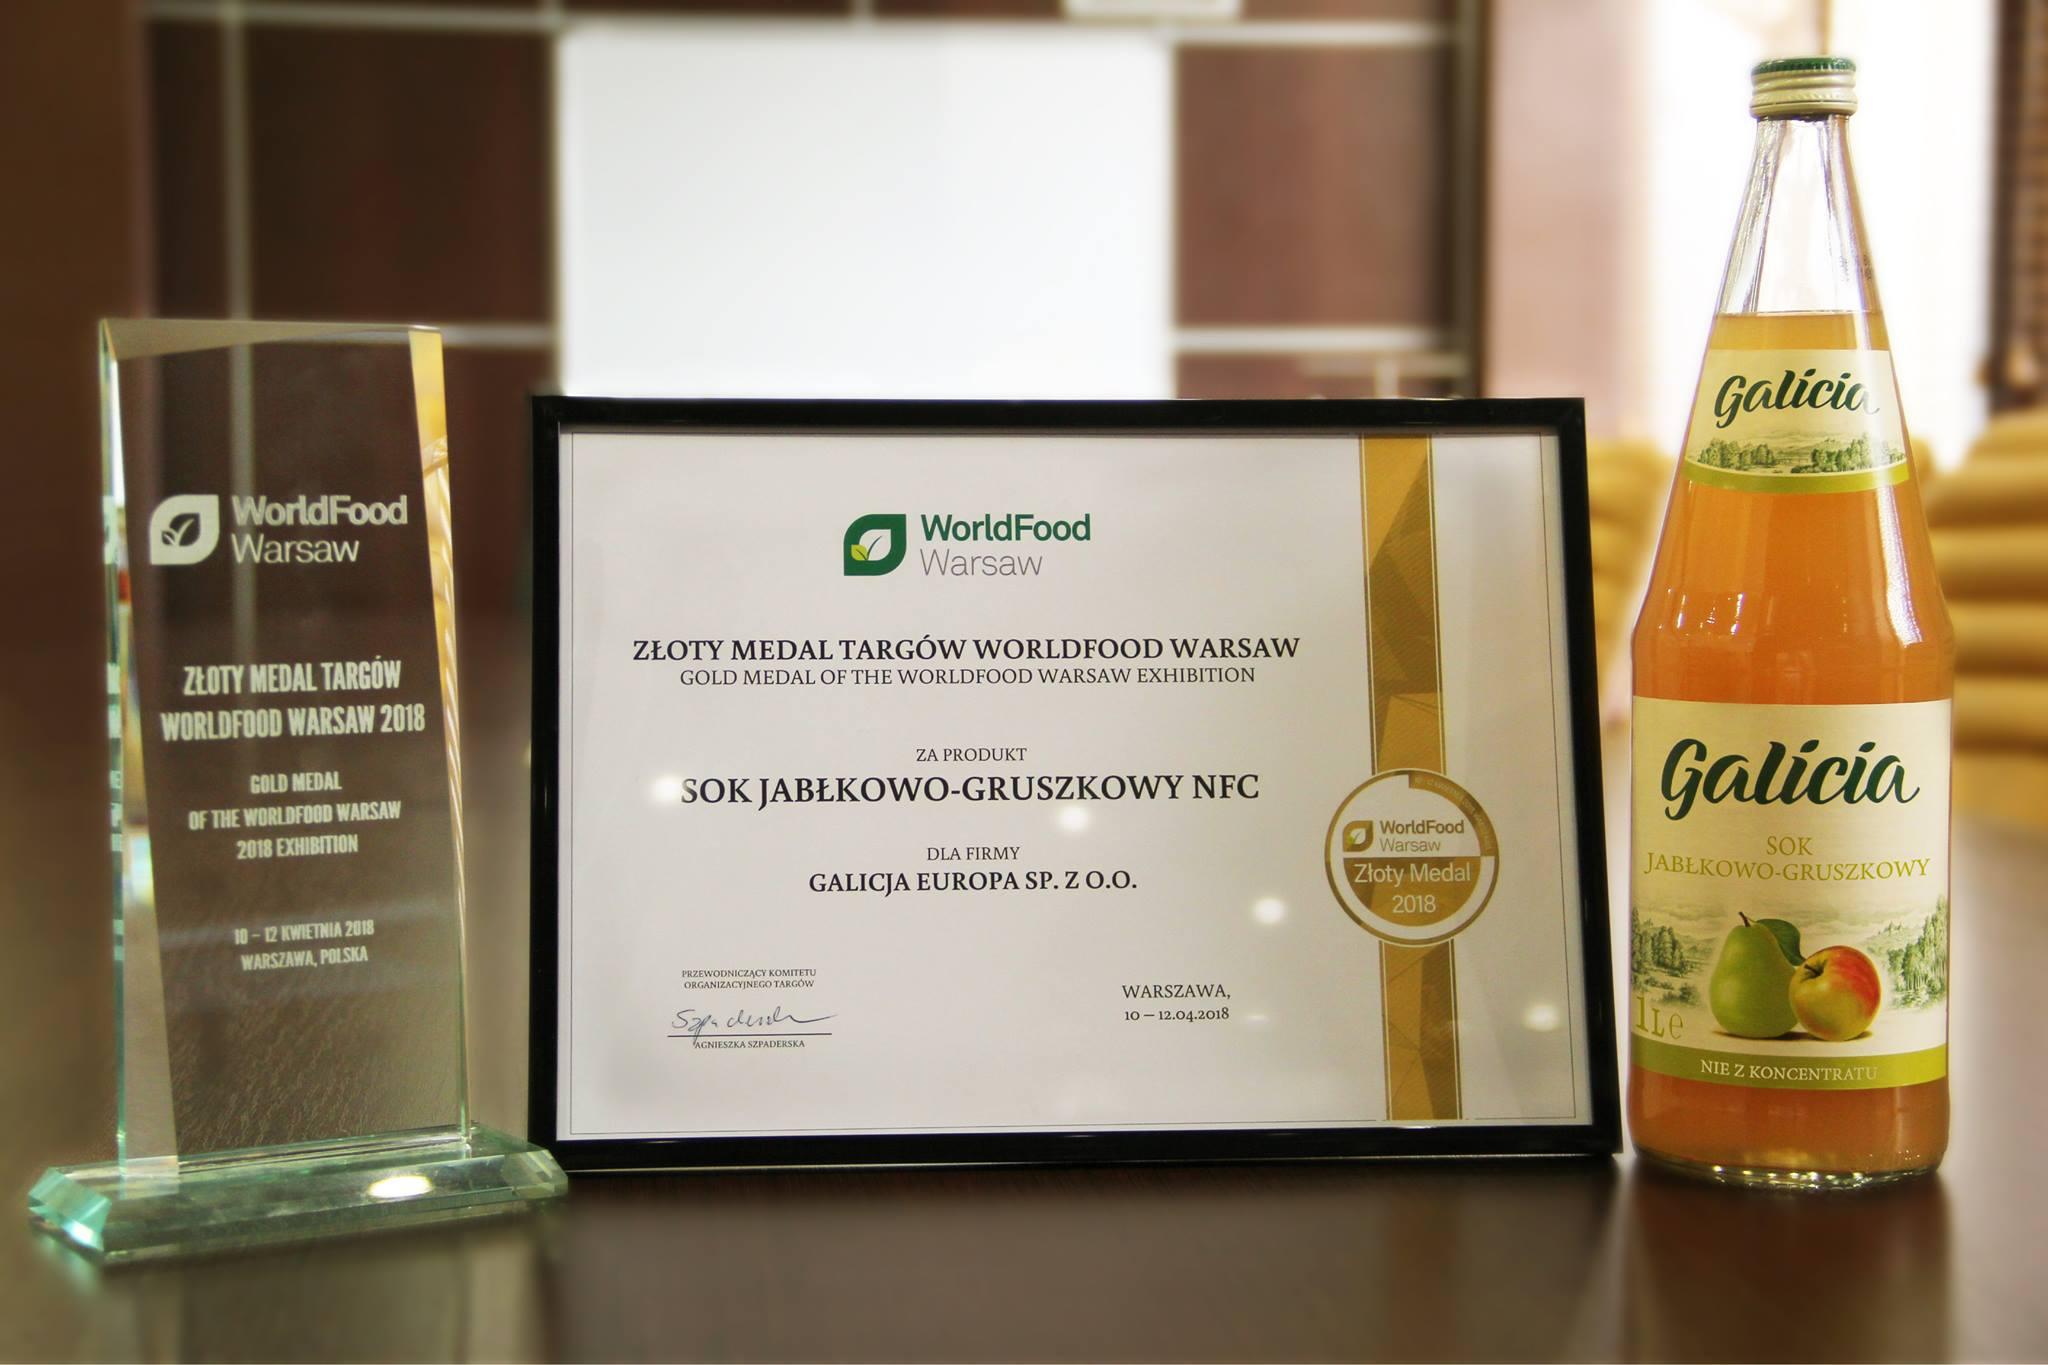 ТМ Galicia завоевала золотую медаль на выставке WorldFood Warsaw 2018